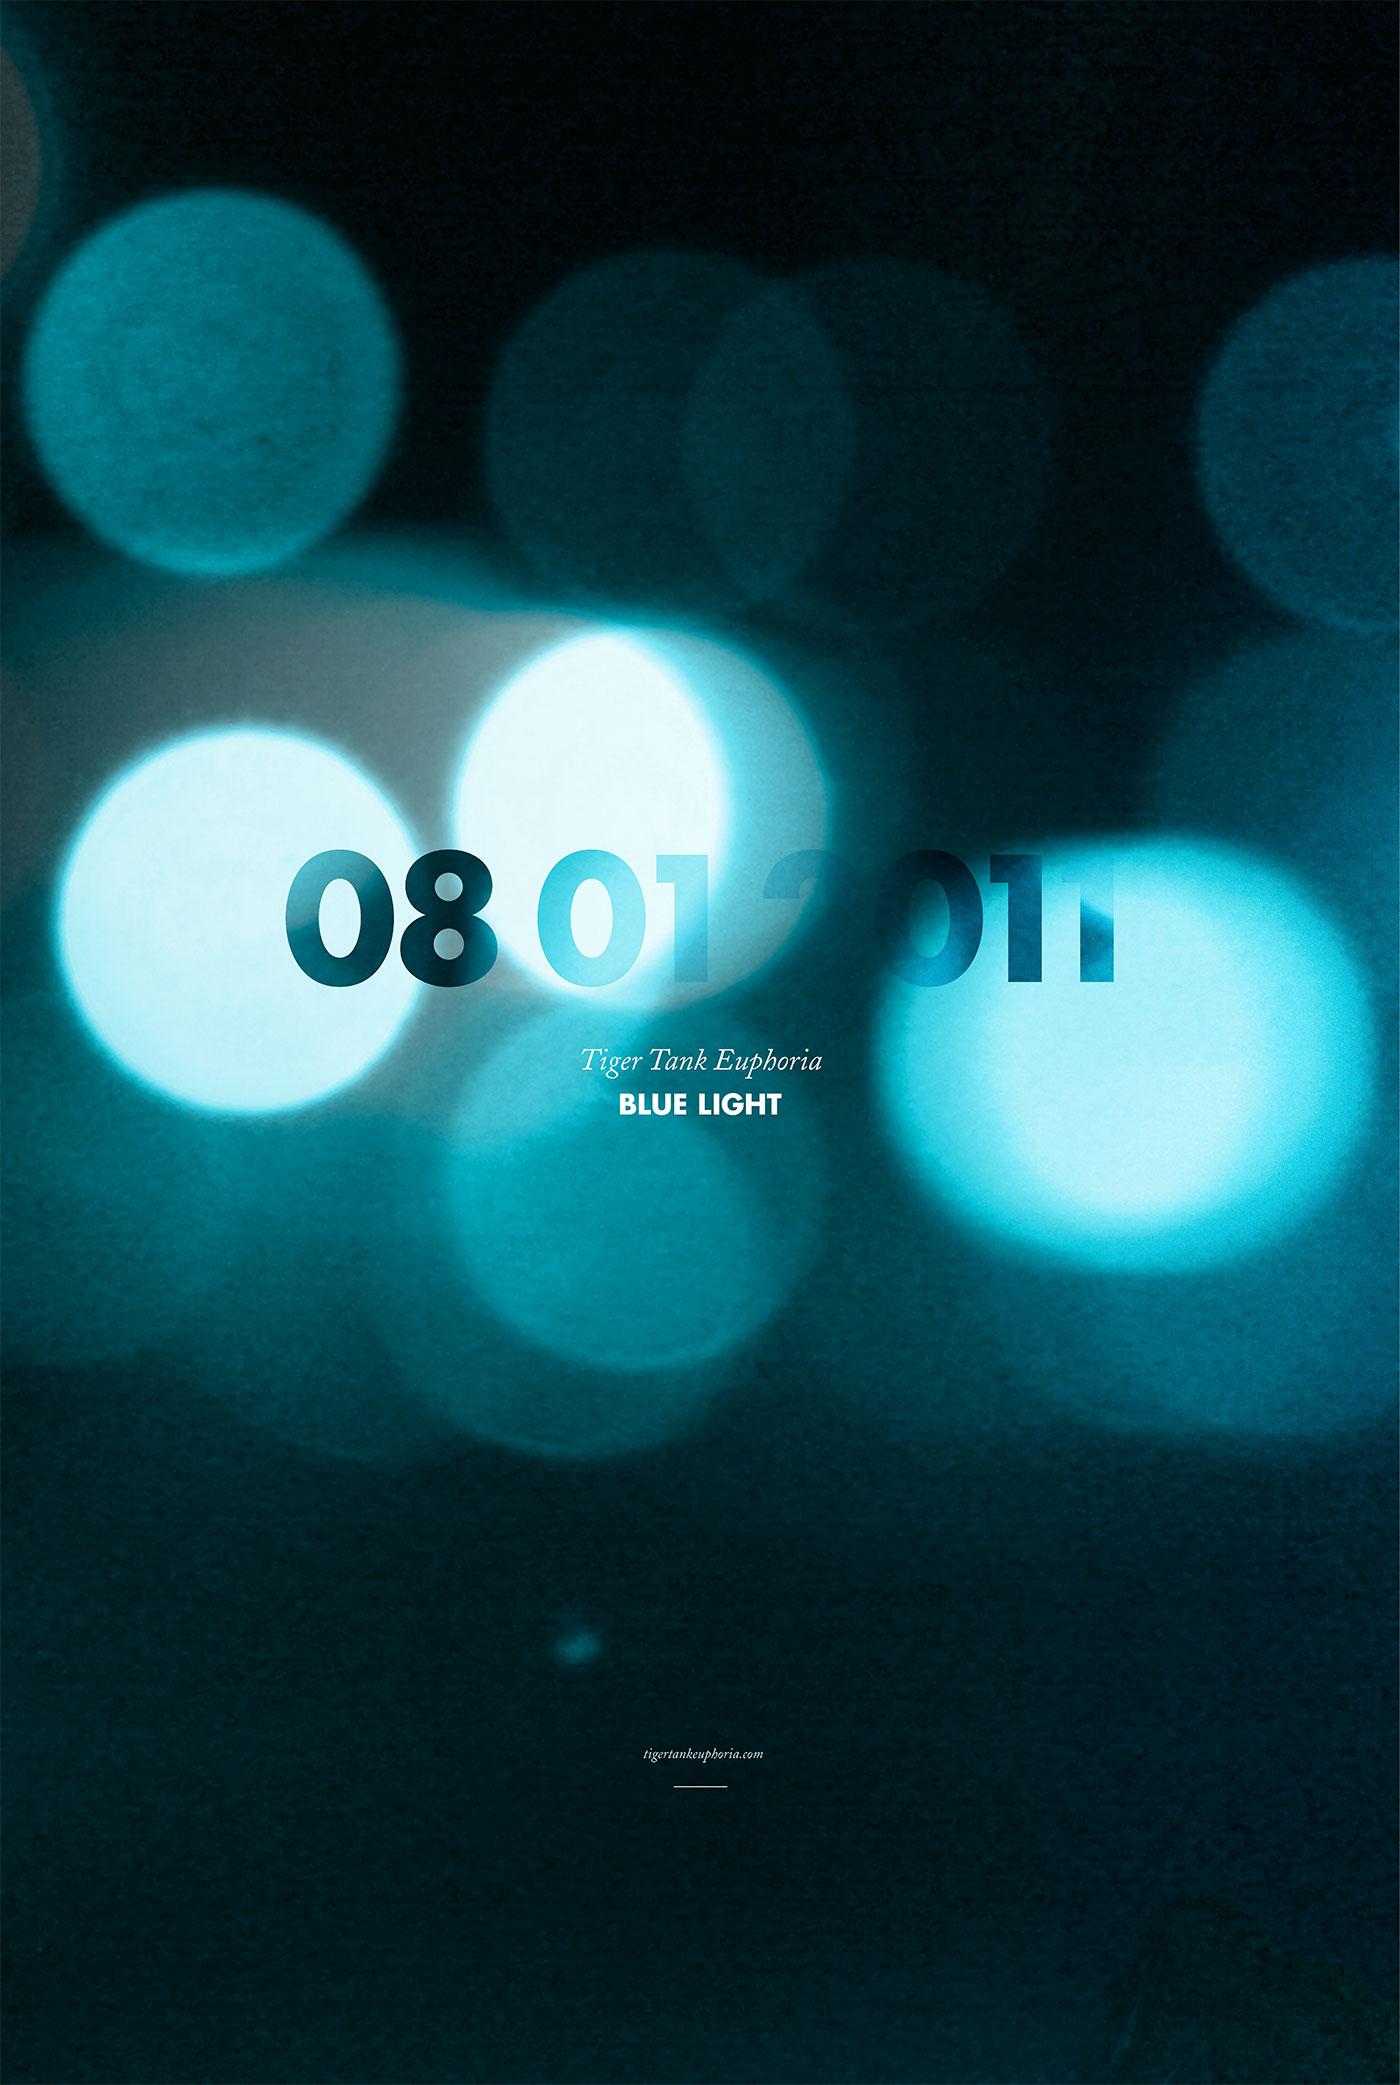 tte_bluelight_poster_v1_r0-01.jpg